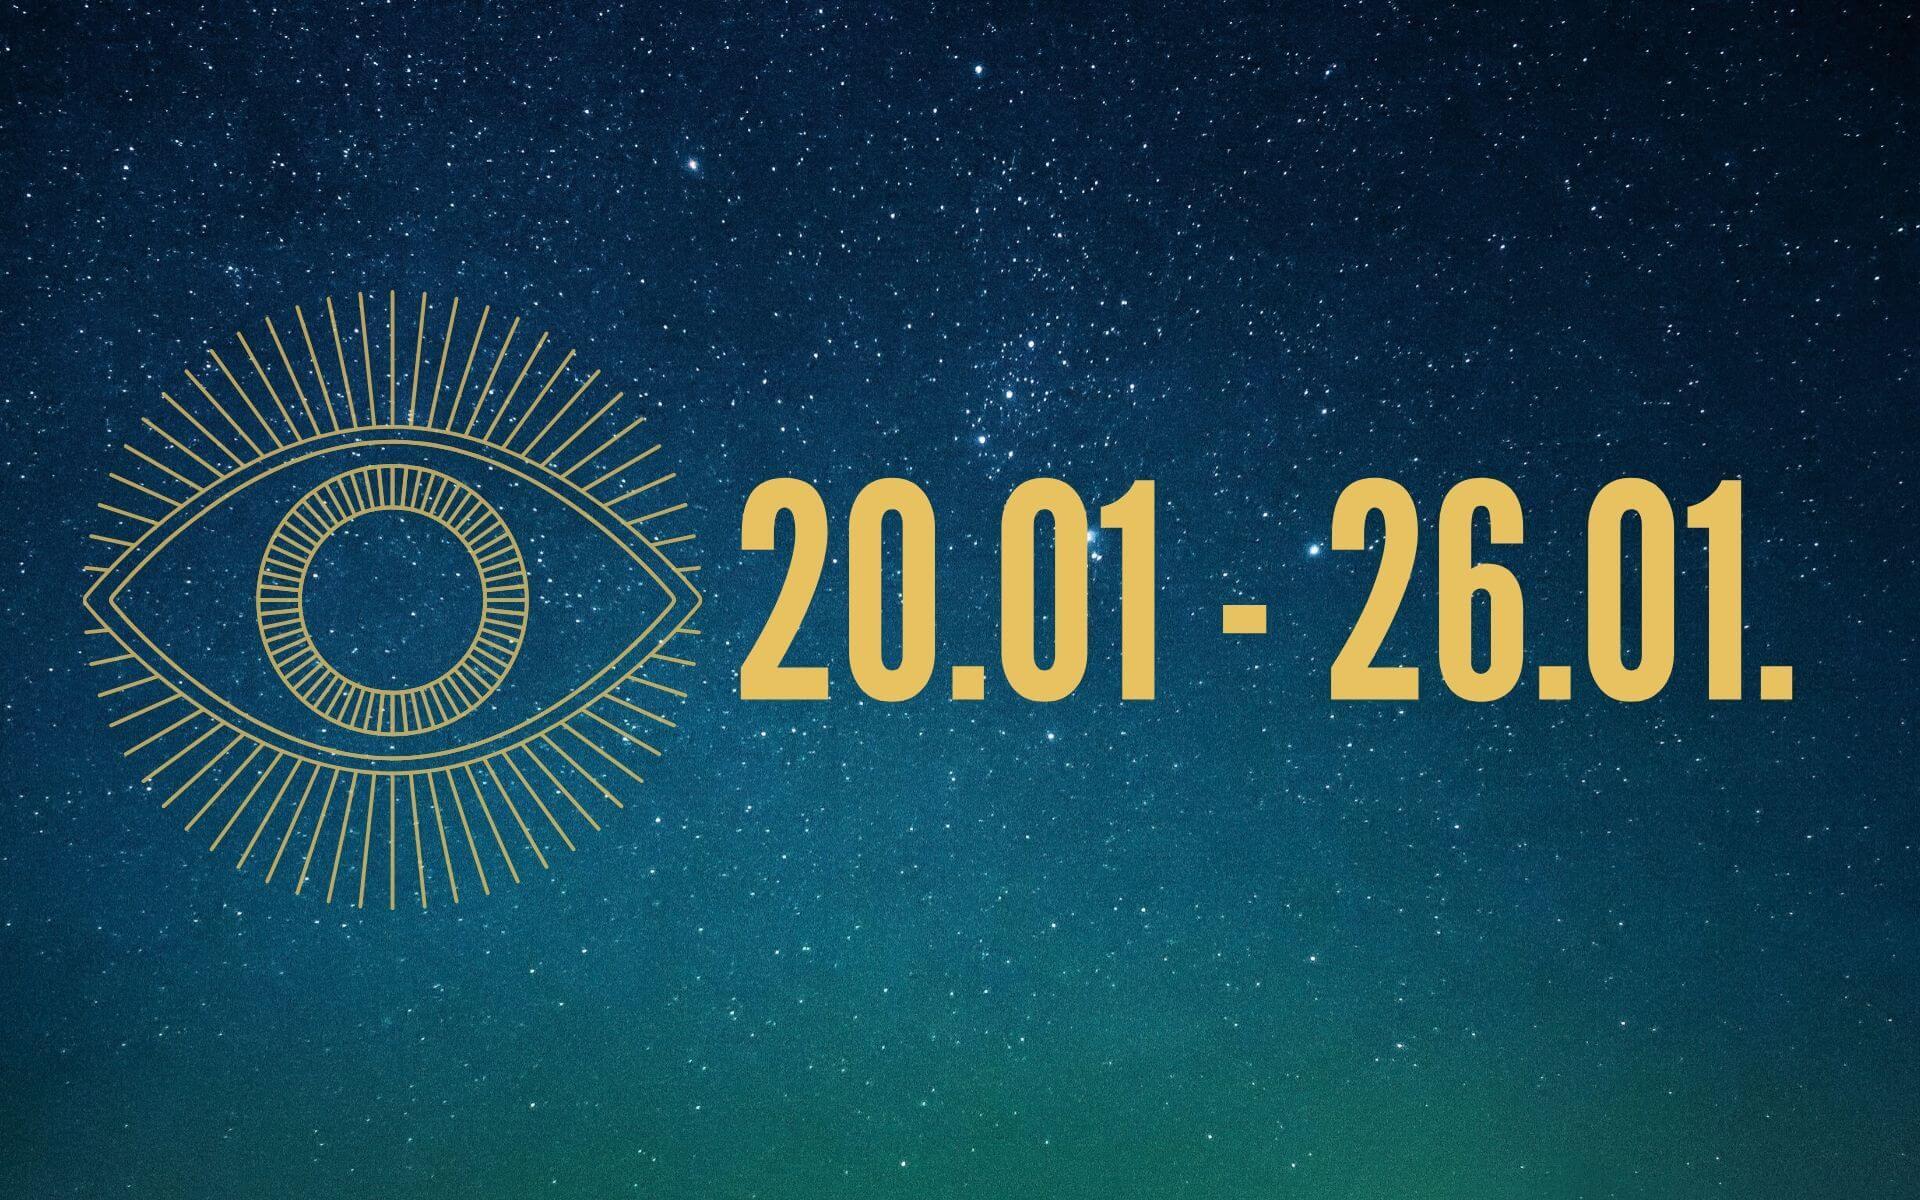 MILAs Liebeshoroskop 20.01. - 26.01. - Was erwartet dein Sternzeichen?